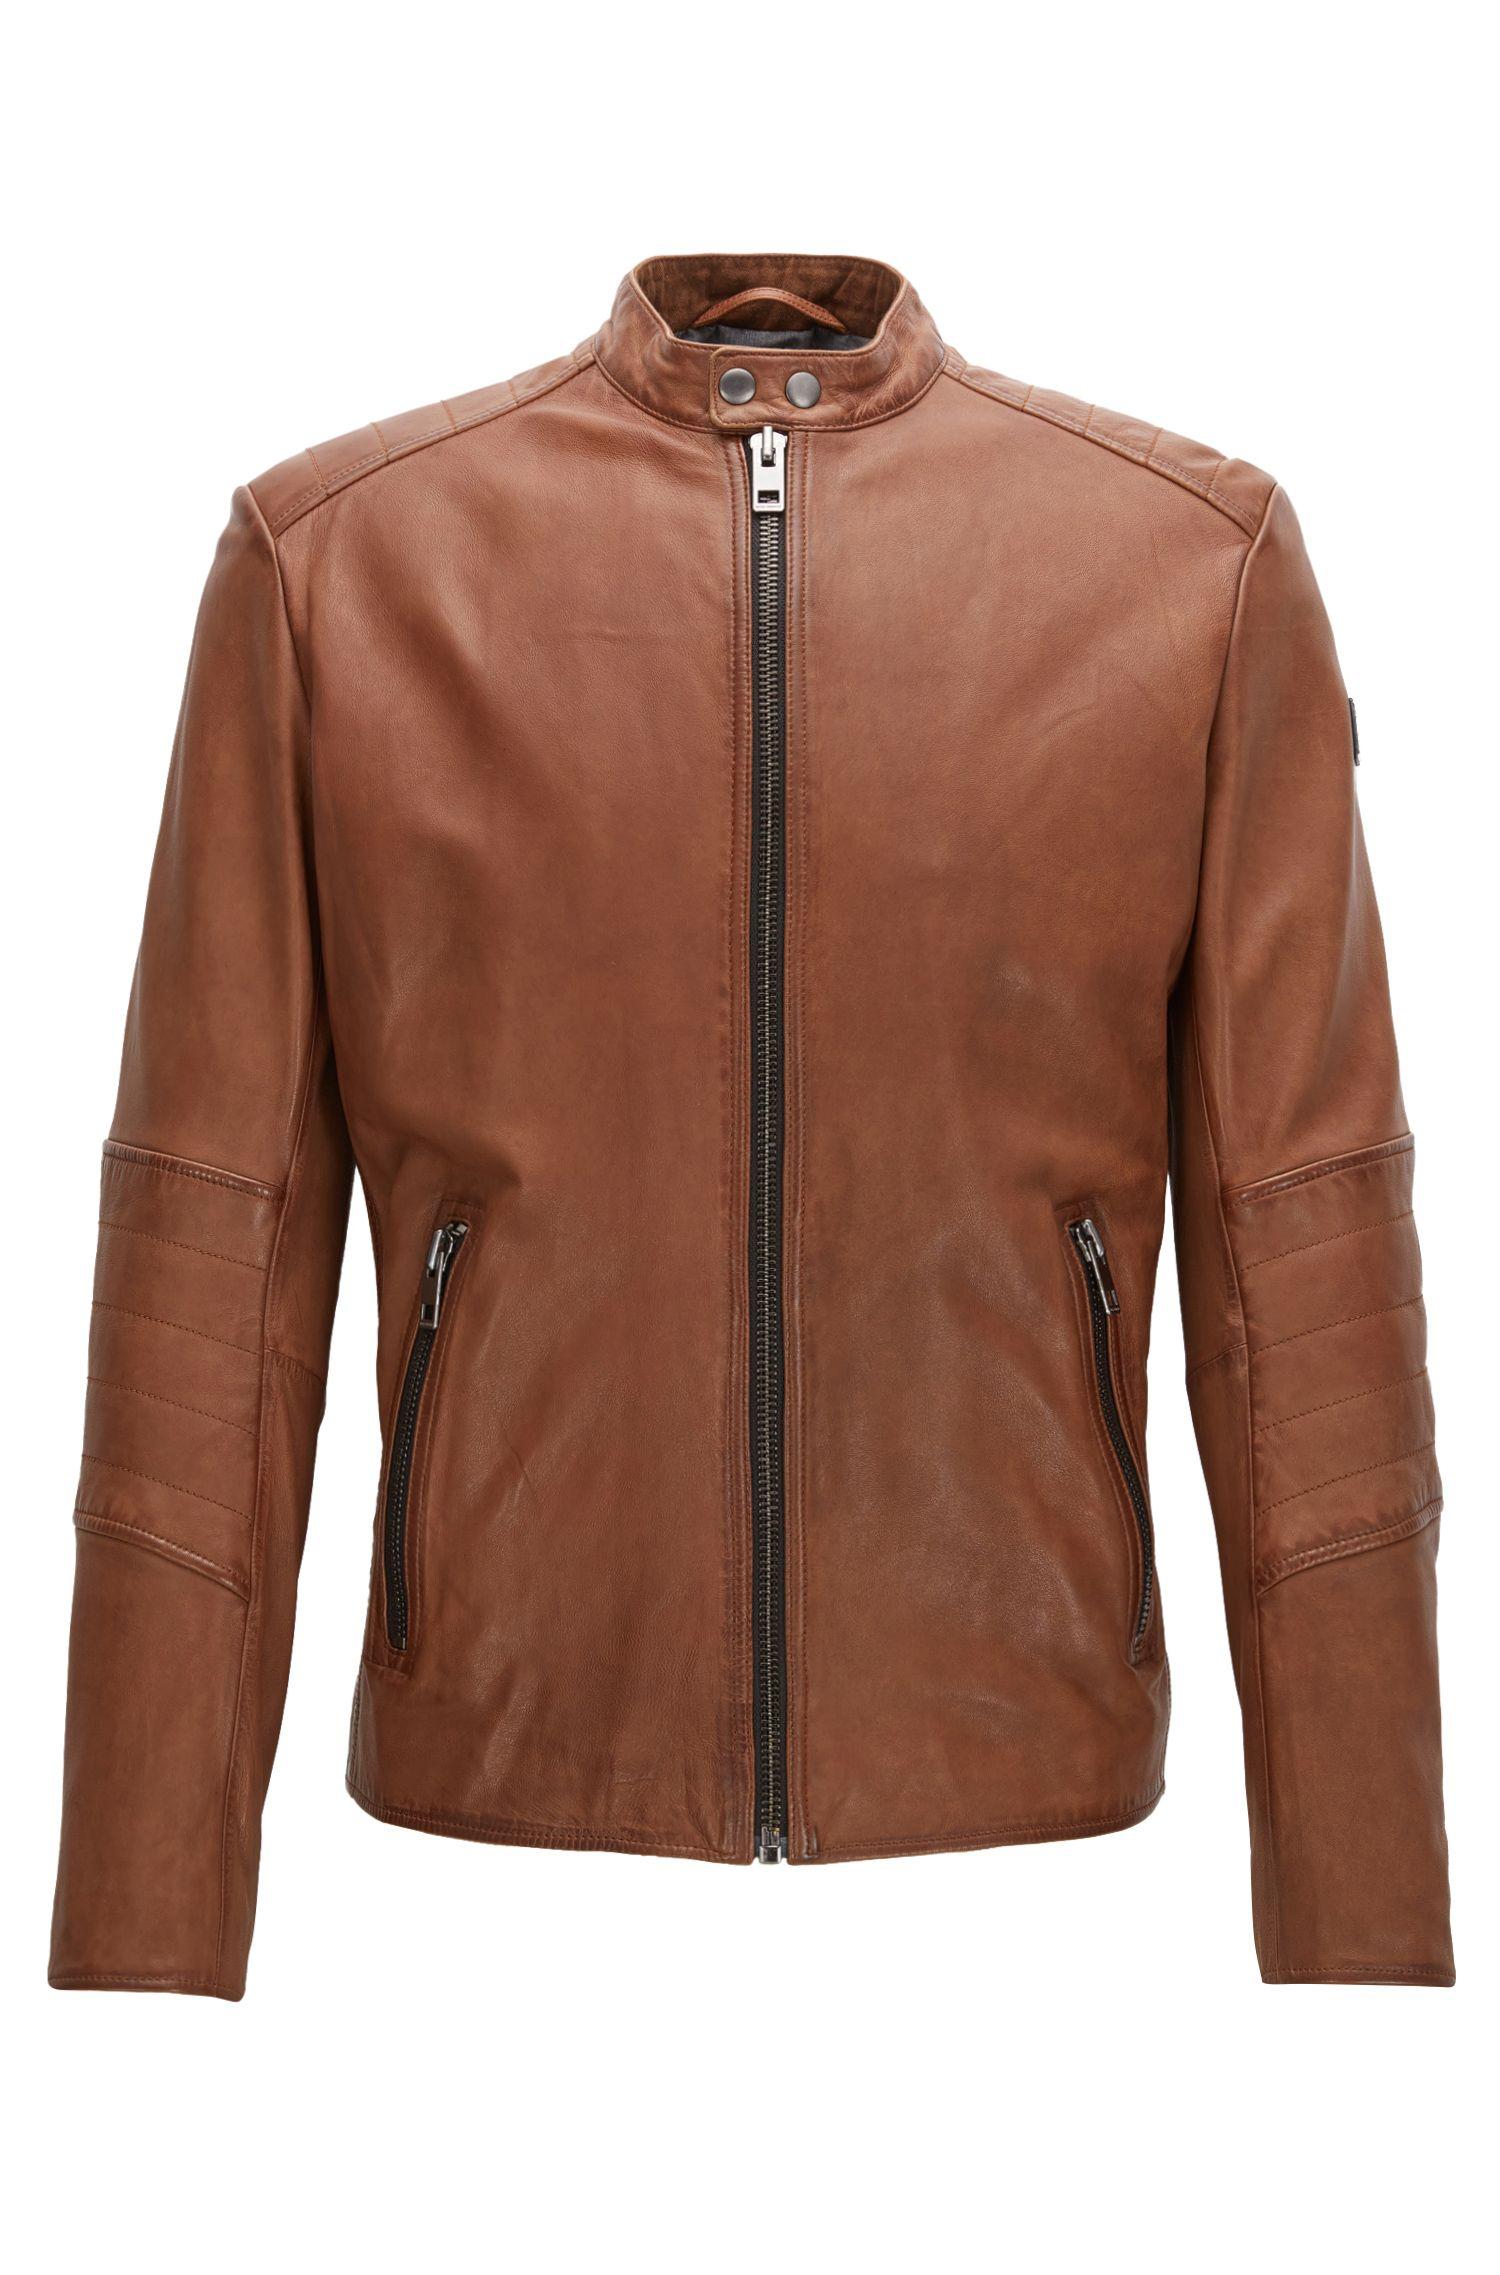 Sheepskin Biker Jacket   Jeeper